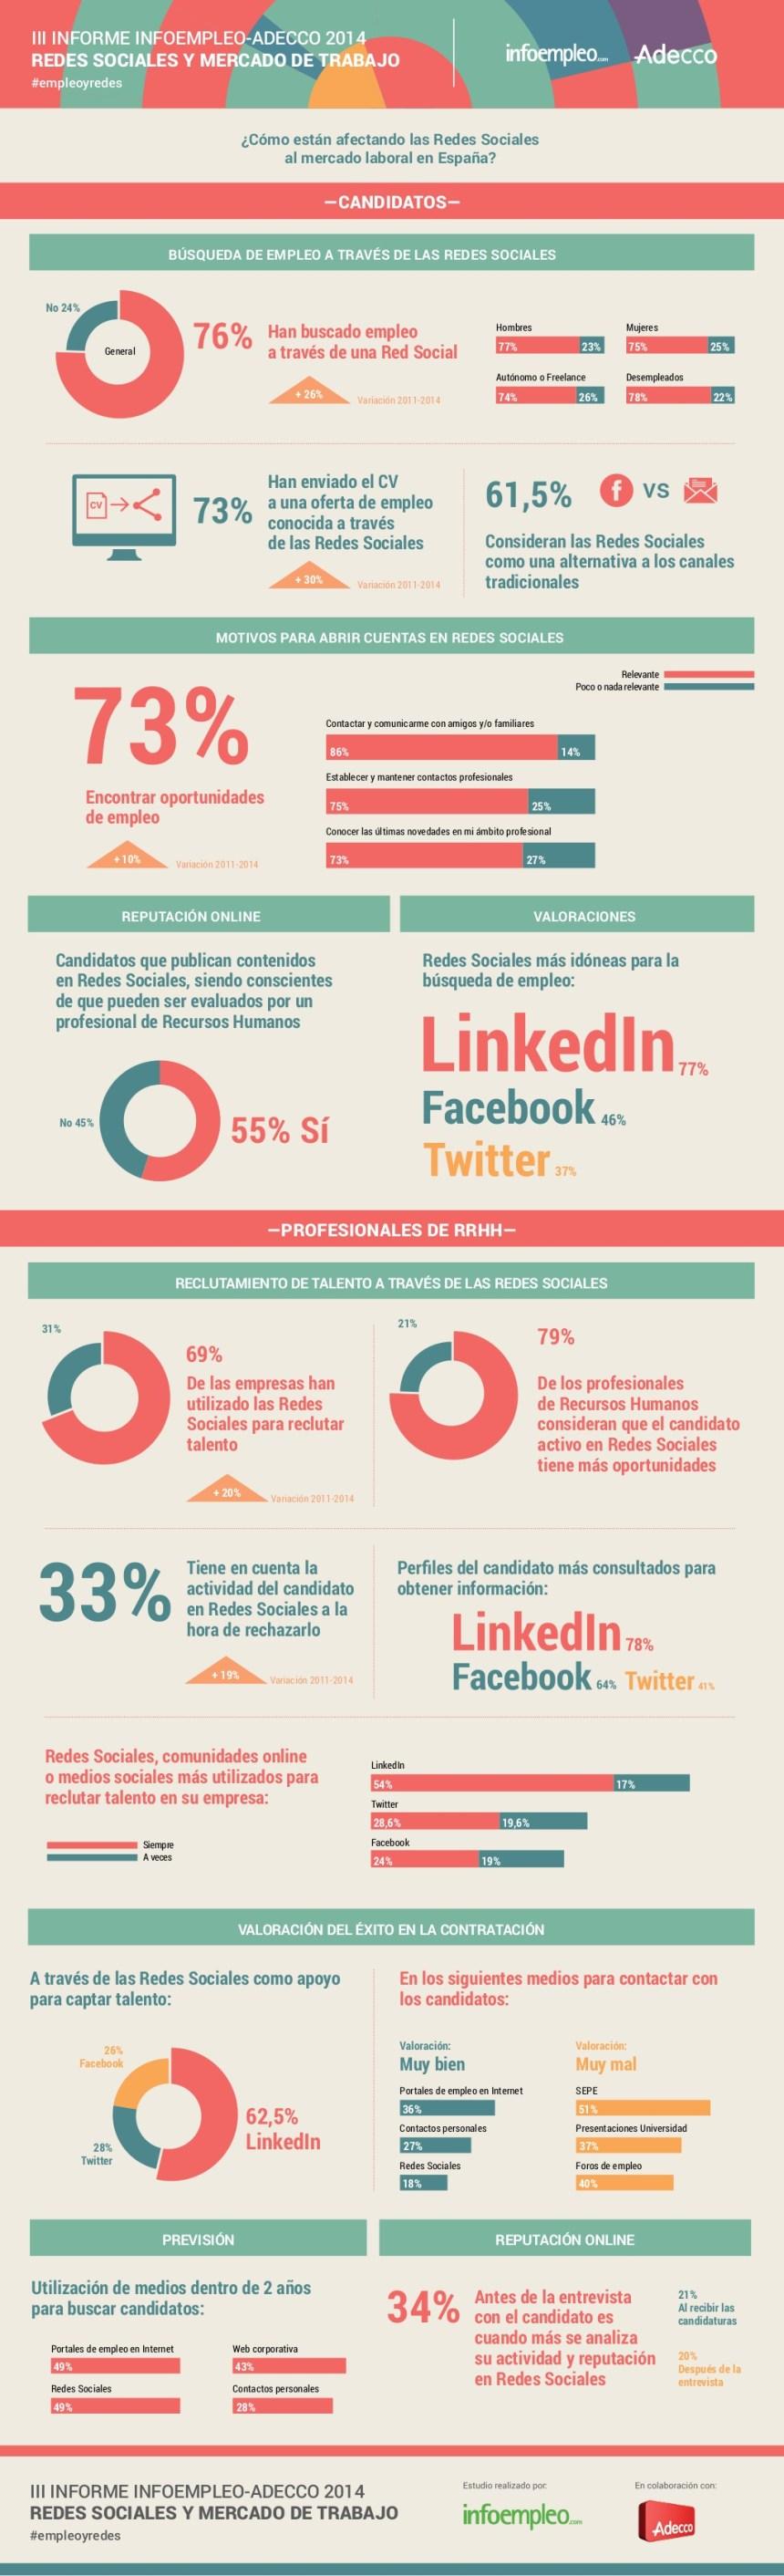 Redes Sociales y Mercado Laboral en España 2014